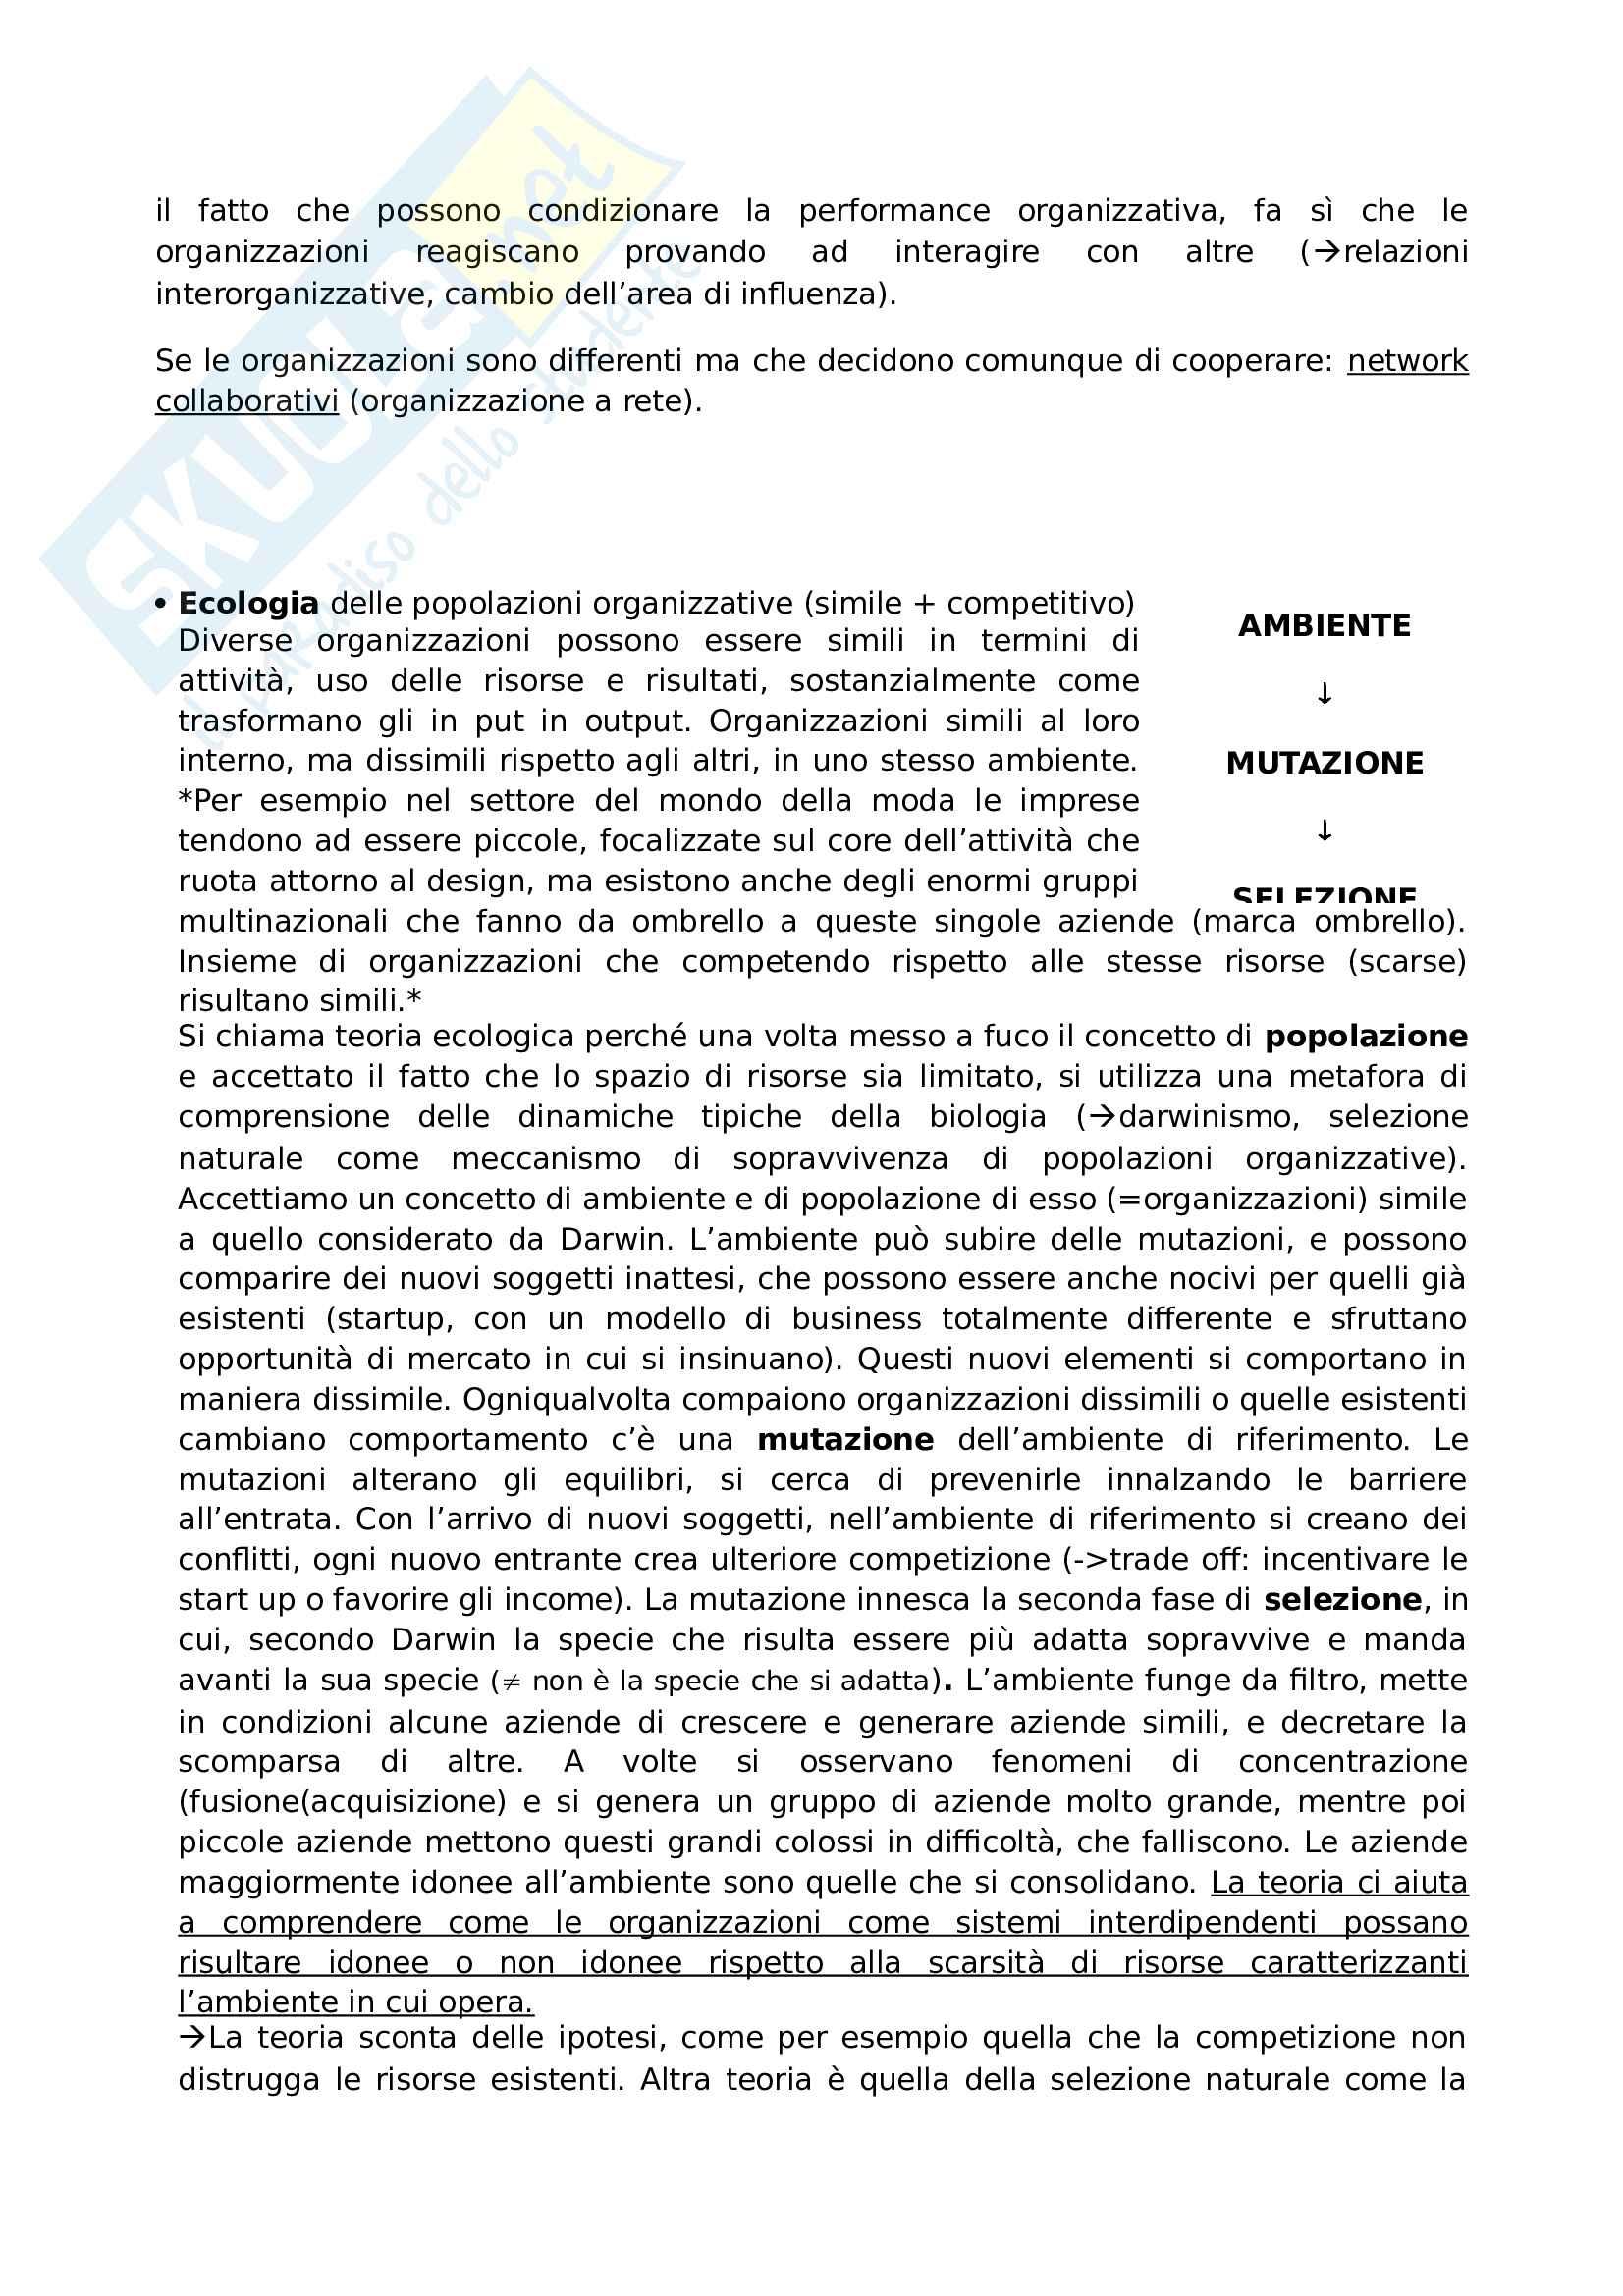 Riassunto esame organizzazione aziendale, prof. Giustiniano, libro consigliato Organizzazione aziendale, Richard L. Daft Pag. 36